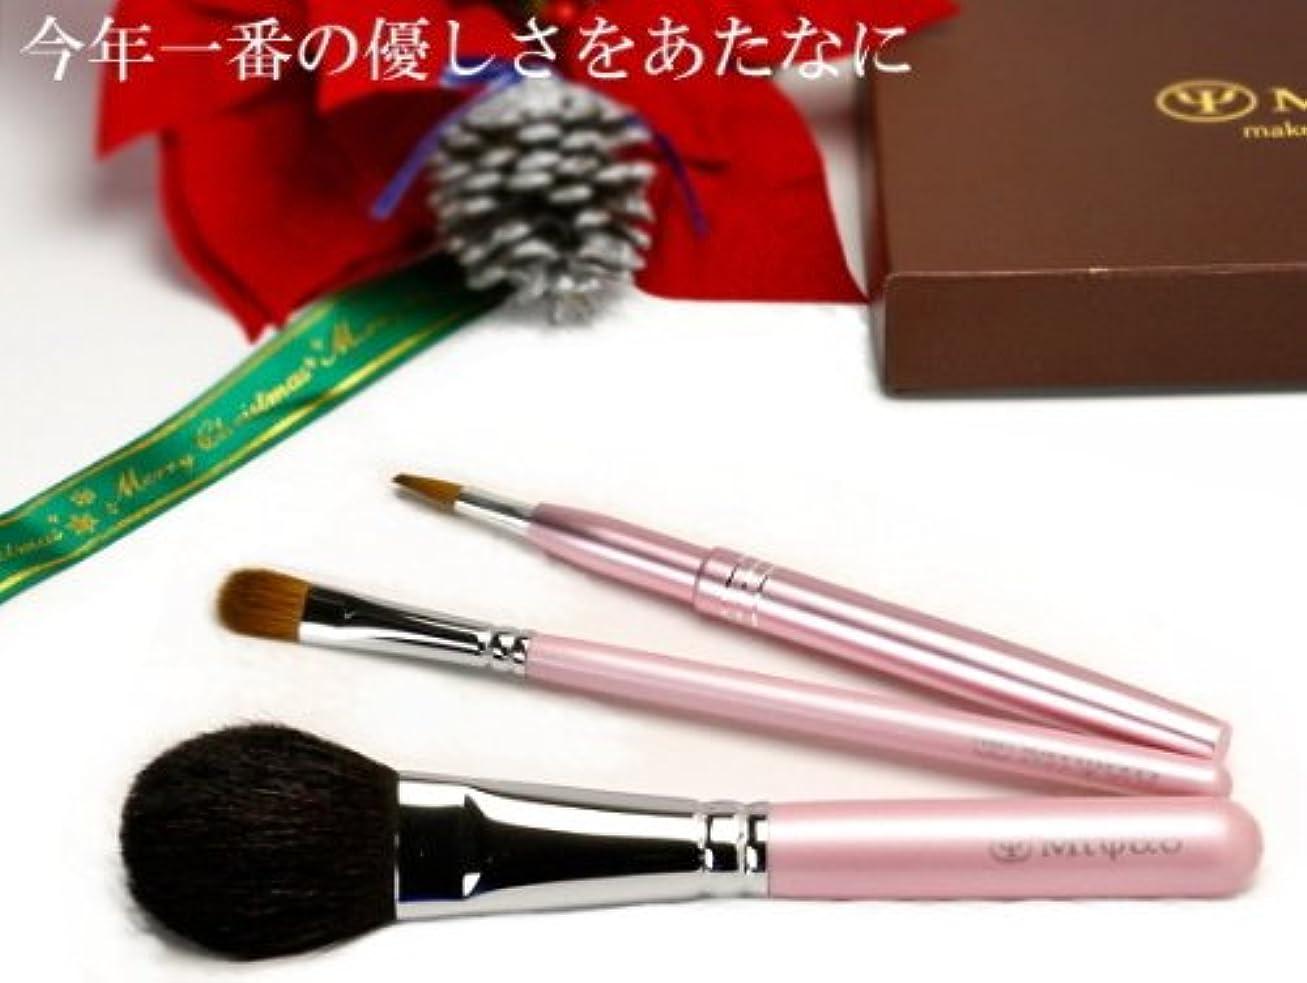 ハシーアウトドア海洋熊野化粧筆 ピンクパール3本セット[ミドル軸タイプ]プレゼント包装